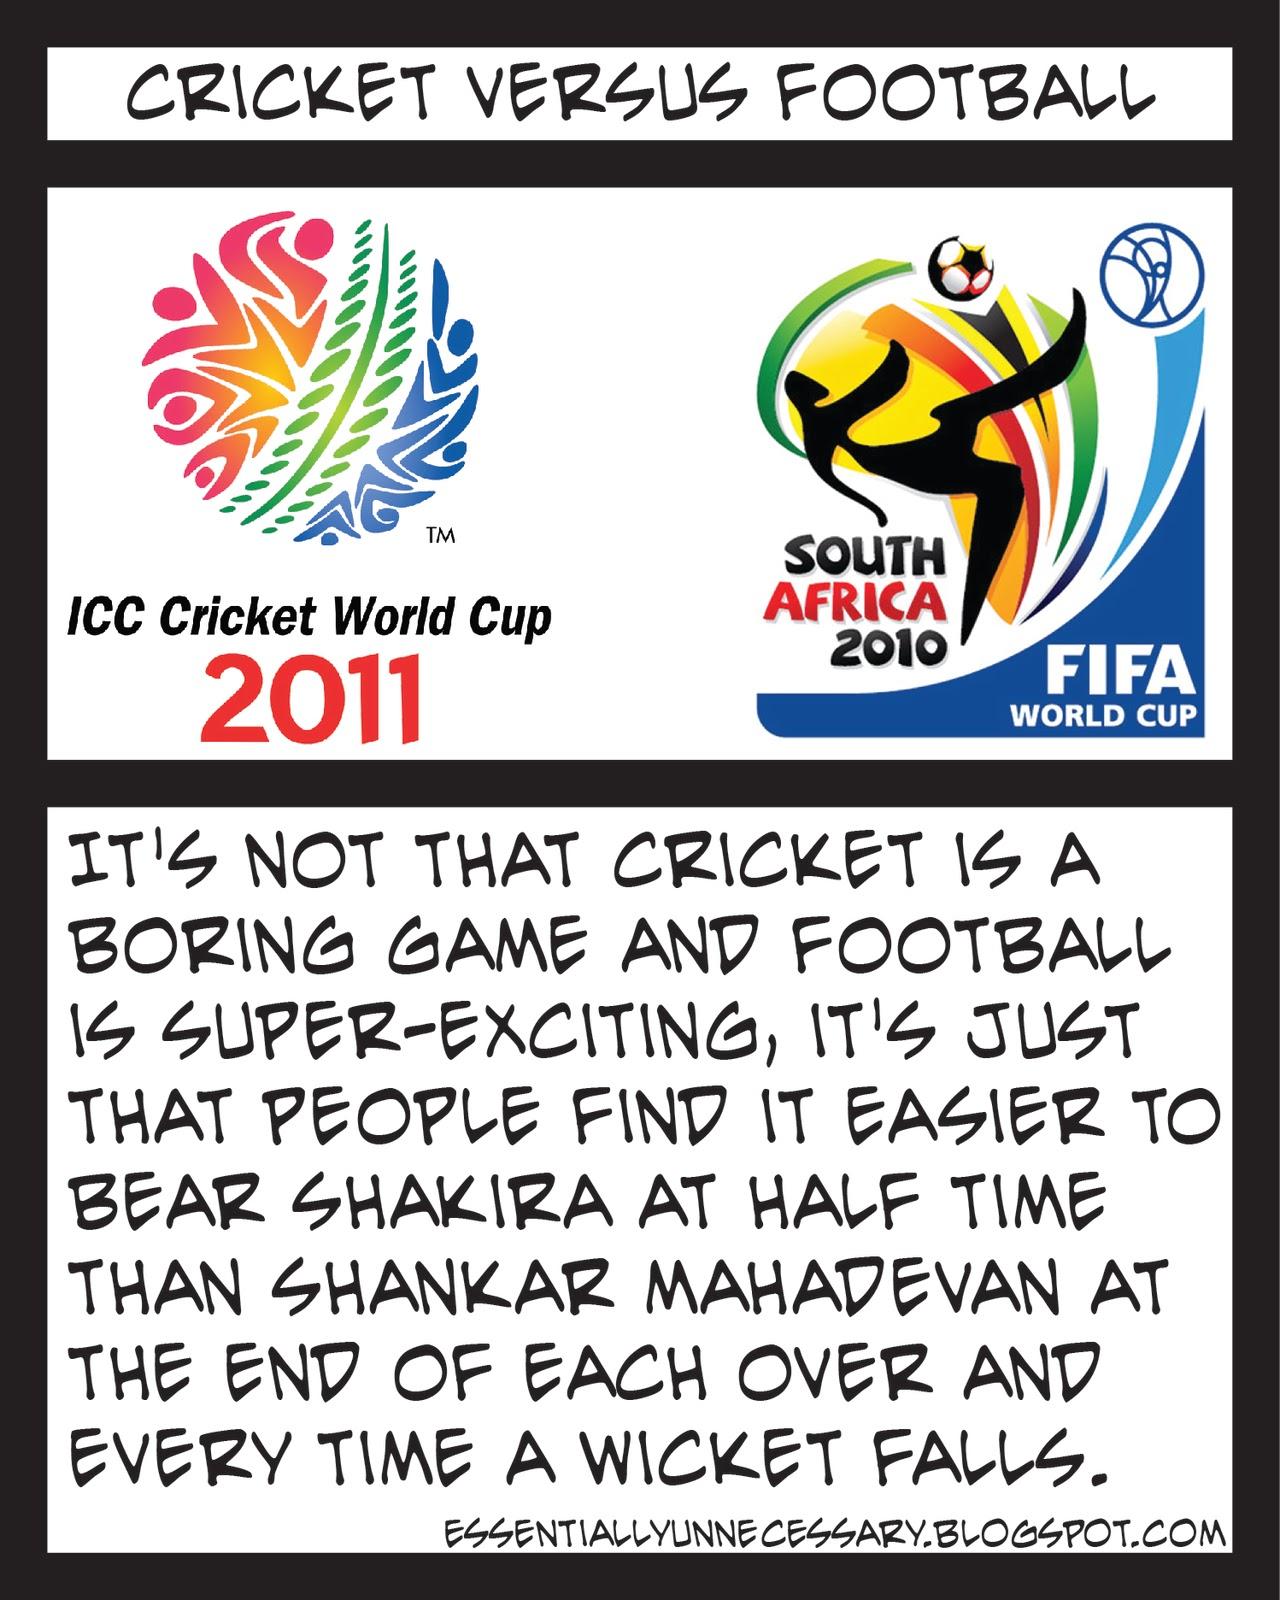 http://1.bp.blogspot.com/-yU3bIlhGv9U/TWN78-u2_aI/AAAAAAAAADI/cQNfYTm8hOI/s1600/cricket+versus+football.jpg